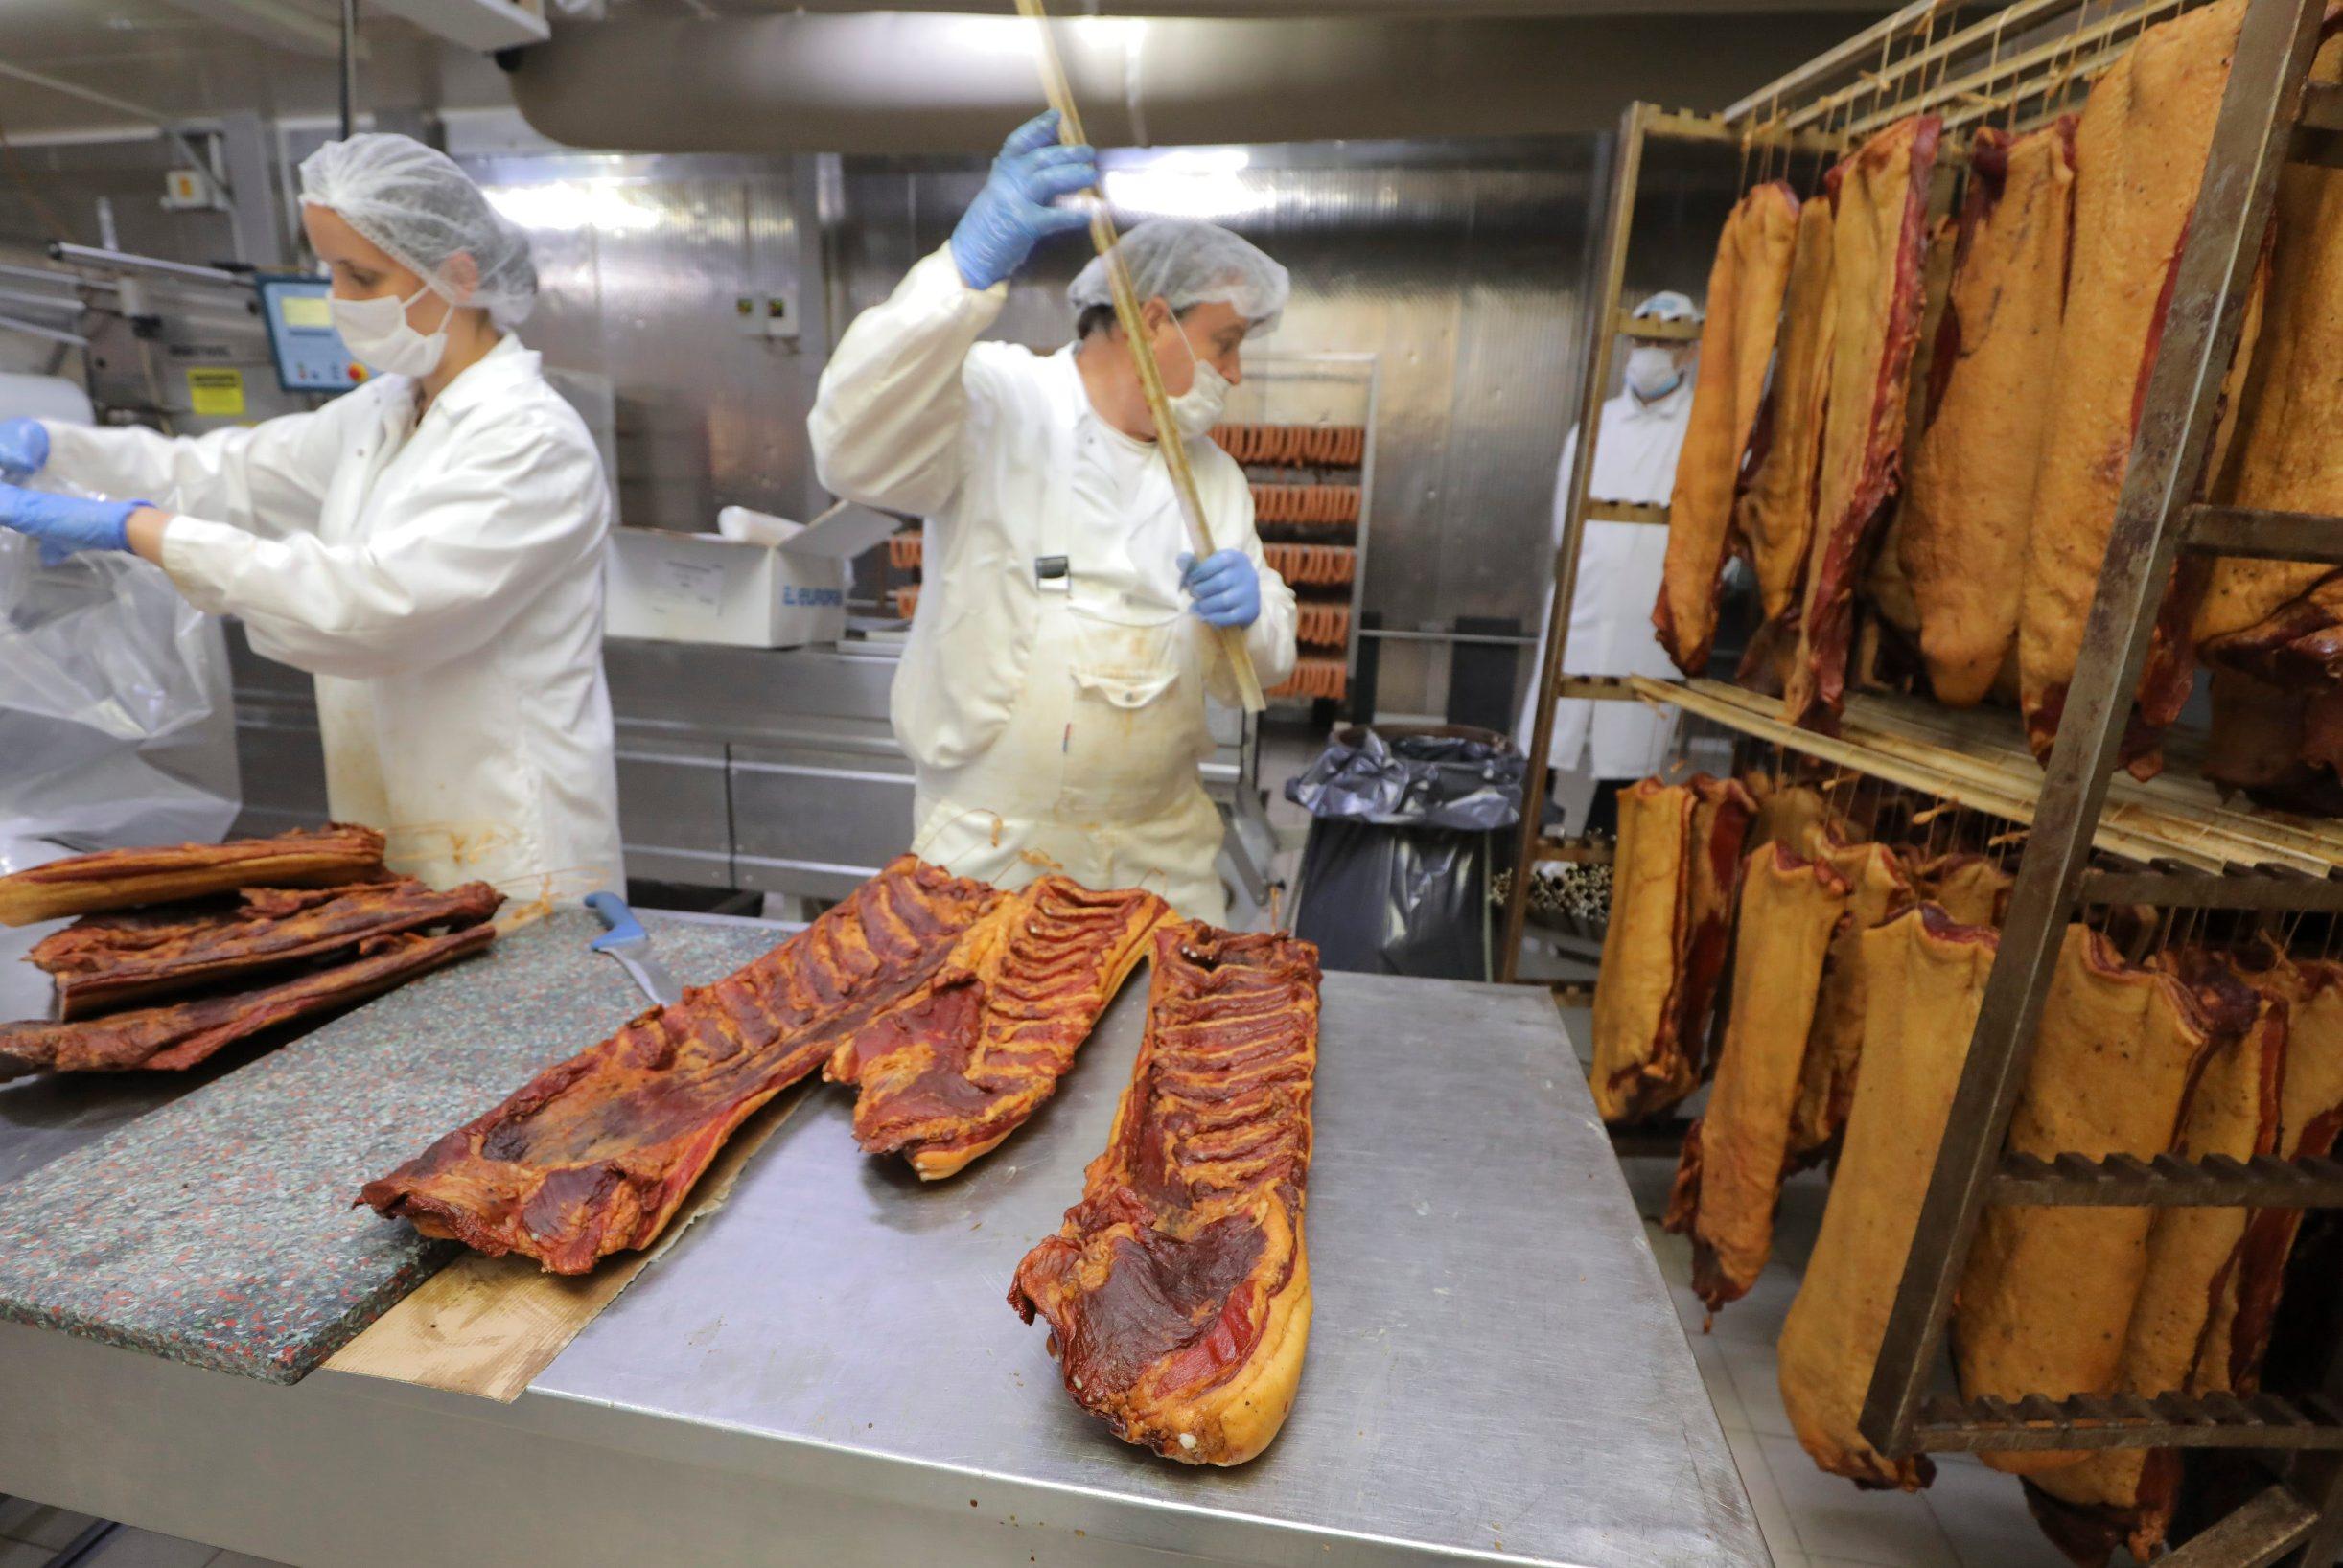 Krasic, 210820. Gornje Prekrizje 4. Velika reportaza s imanja mesnice Medven, prica s Milivojem Medvenom oko krize u mesnoj industriji. Na fotografiji: prerada mesa. Foto: Zeljko Puhovski / CROPIX